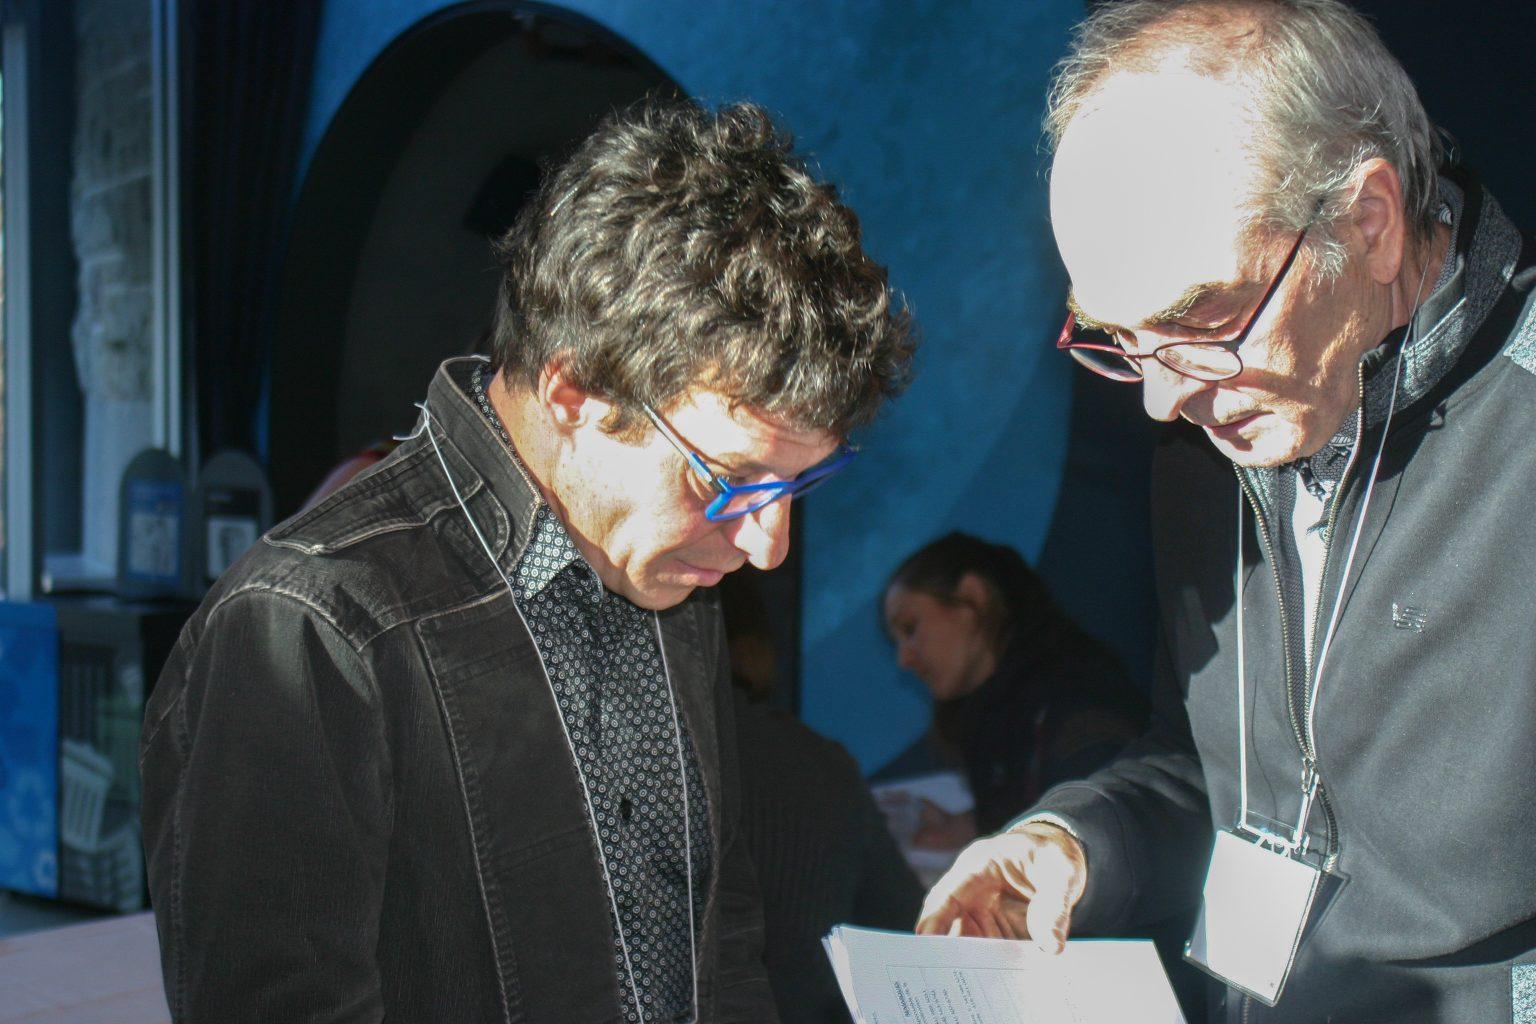 MM. Éric Dussault et Réhaume Courtois discutent des derniers ajustements à l'horaire de la soirée. Photo: Marianne Kugler